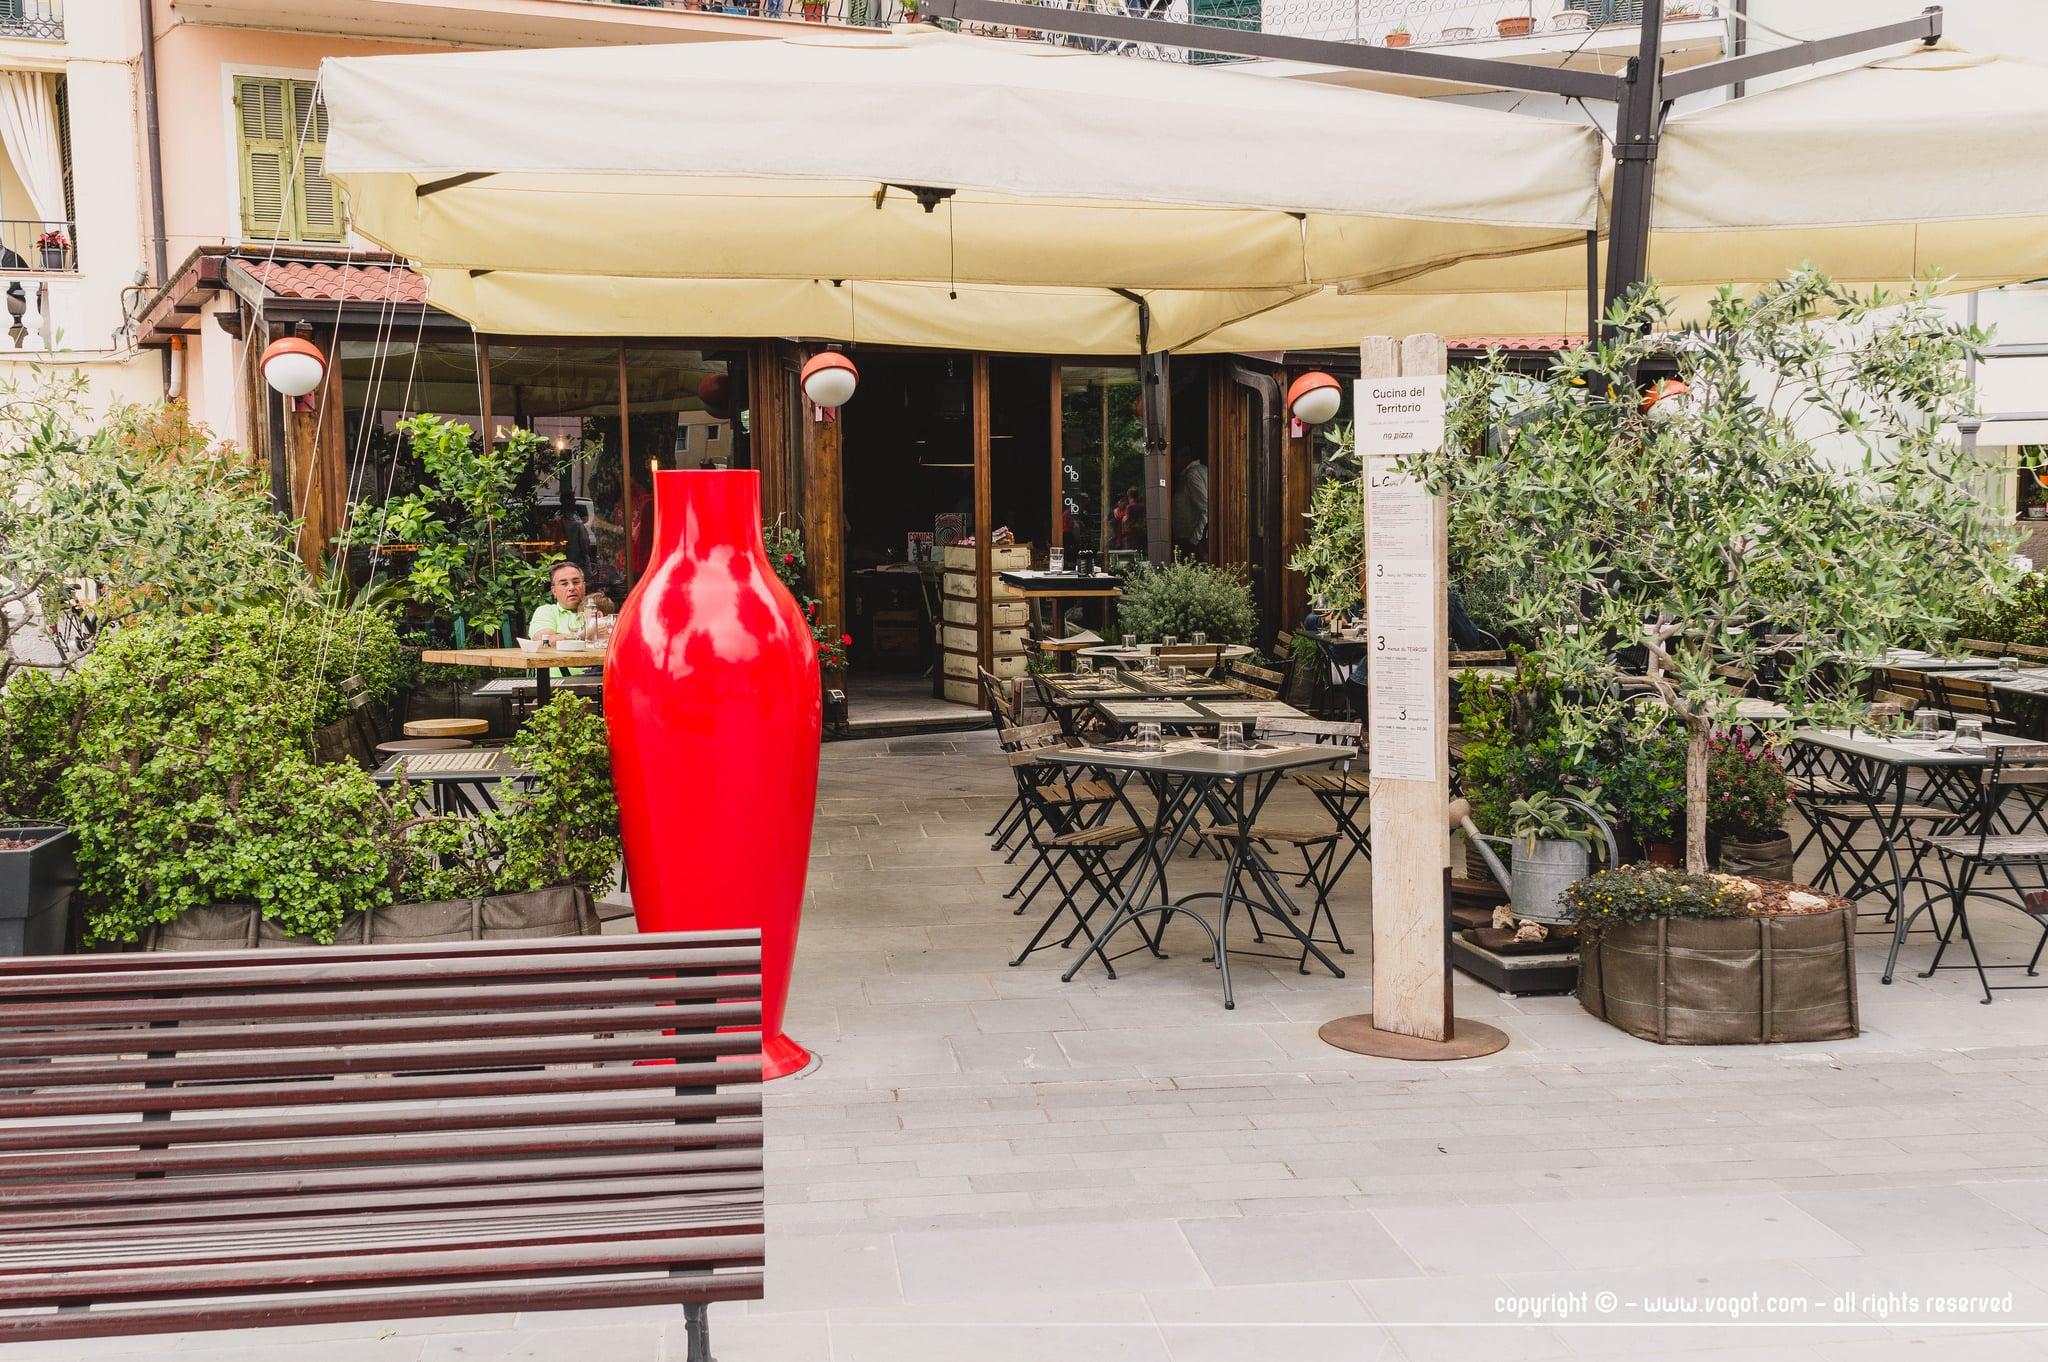 Dolceacqua - Casa e bottega - terrasse